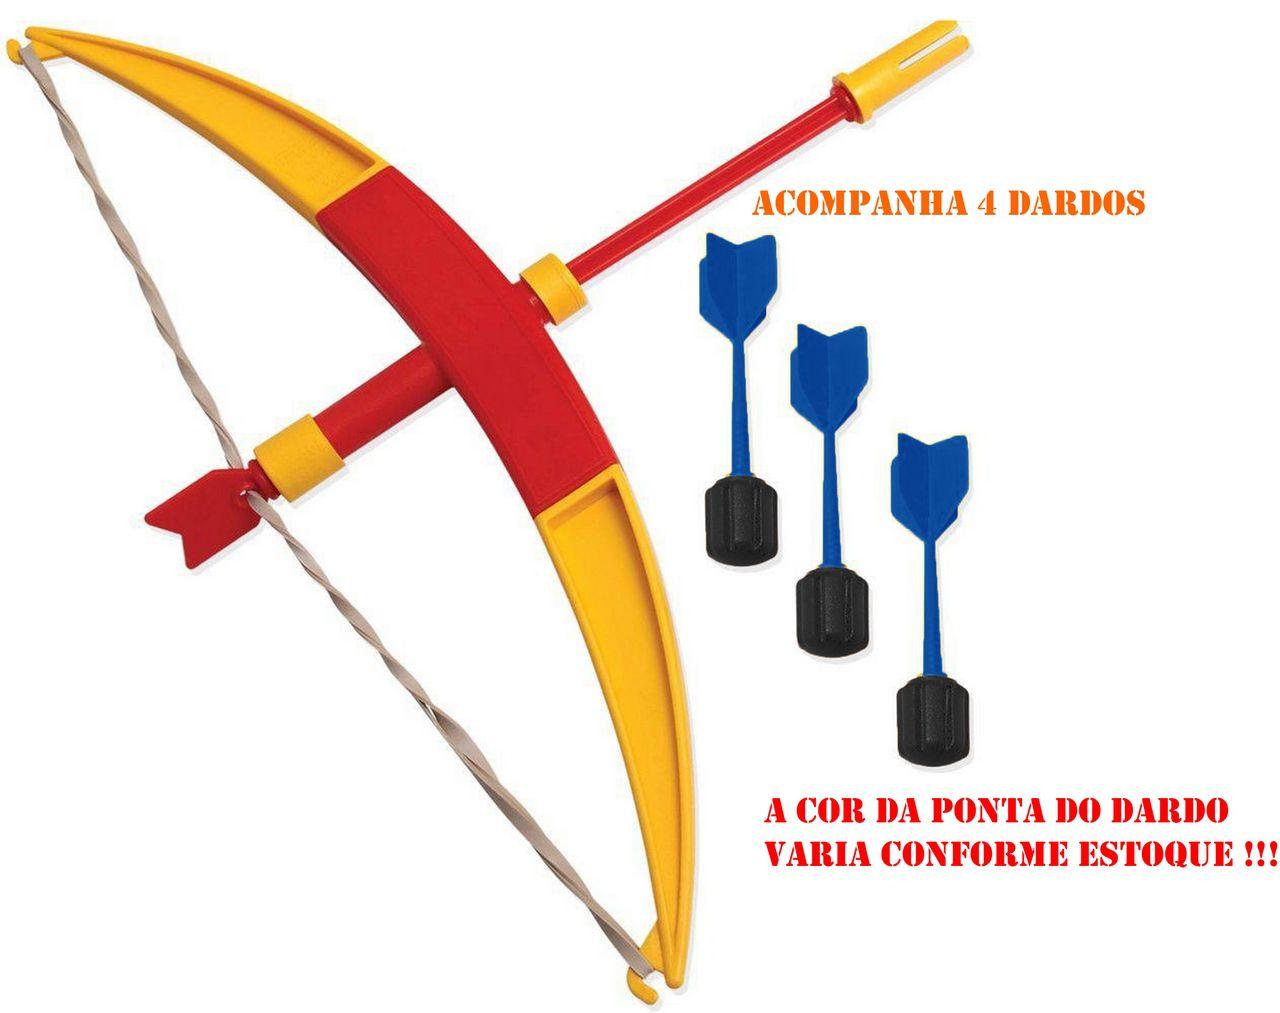 Lançador Arco E Dardos Infantil Meninos Bolhas De Sabão Divertido Mira Alvos Brinquedo Lançamento Elka Novo